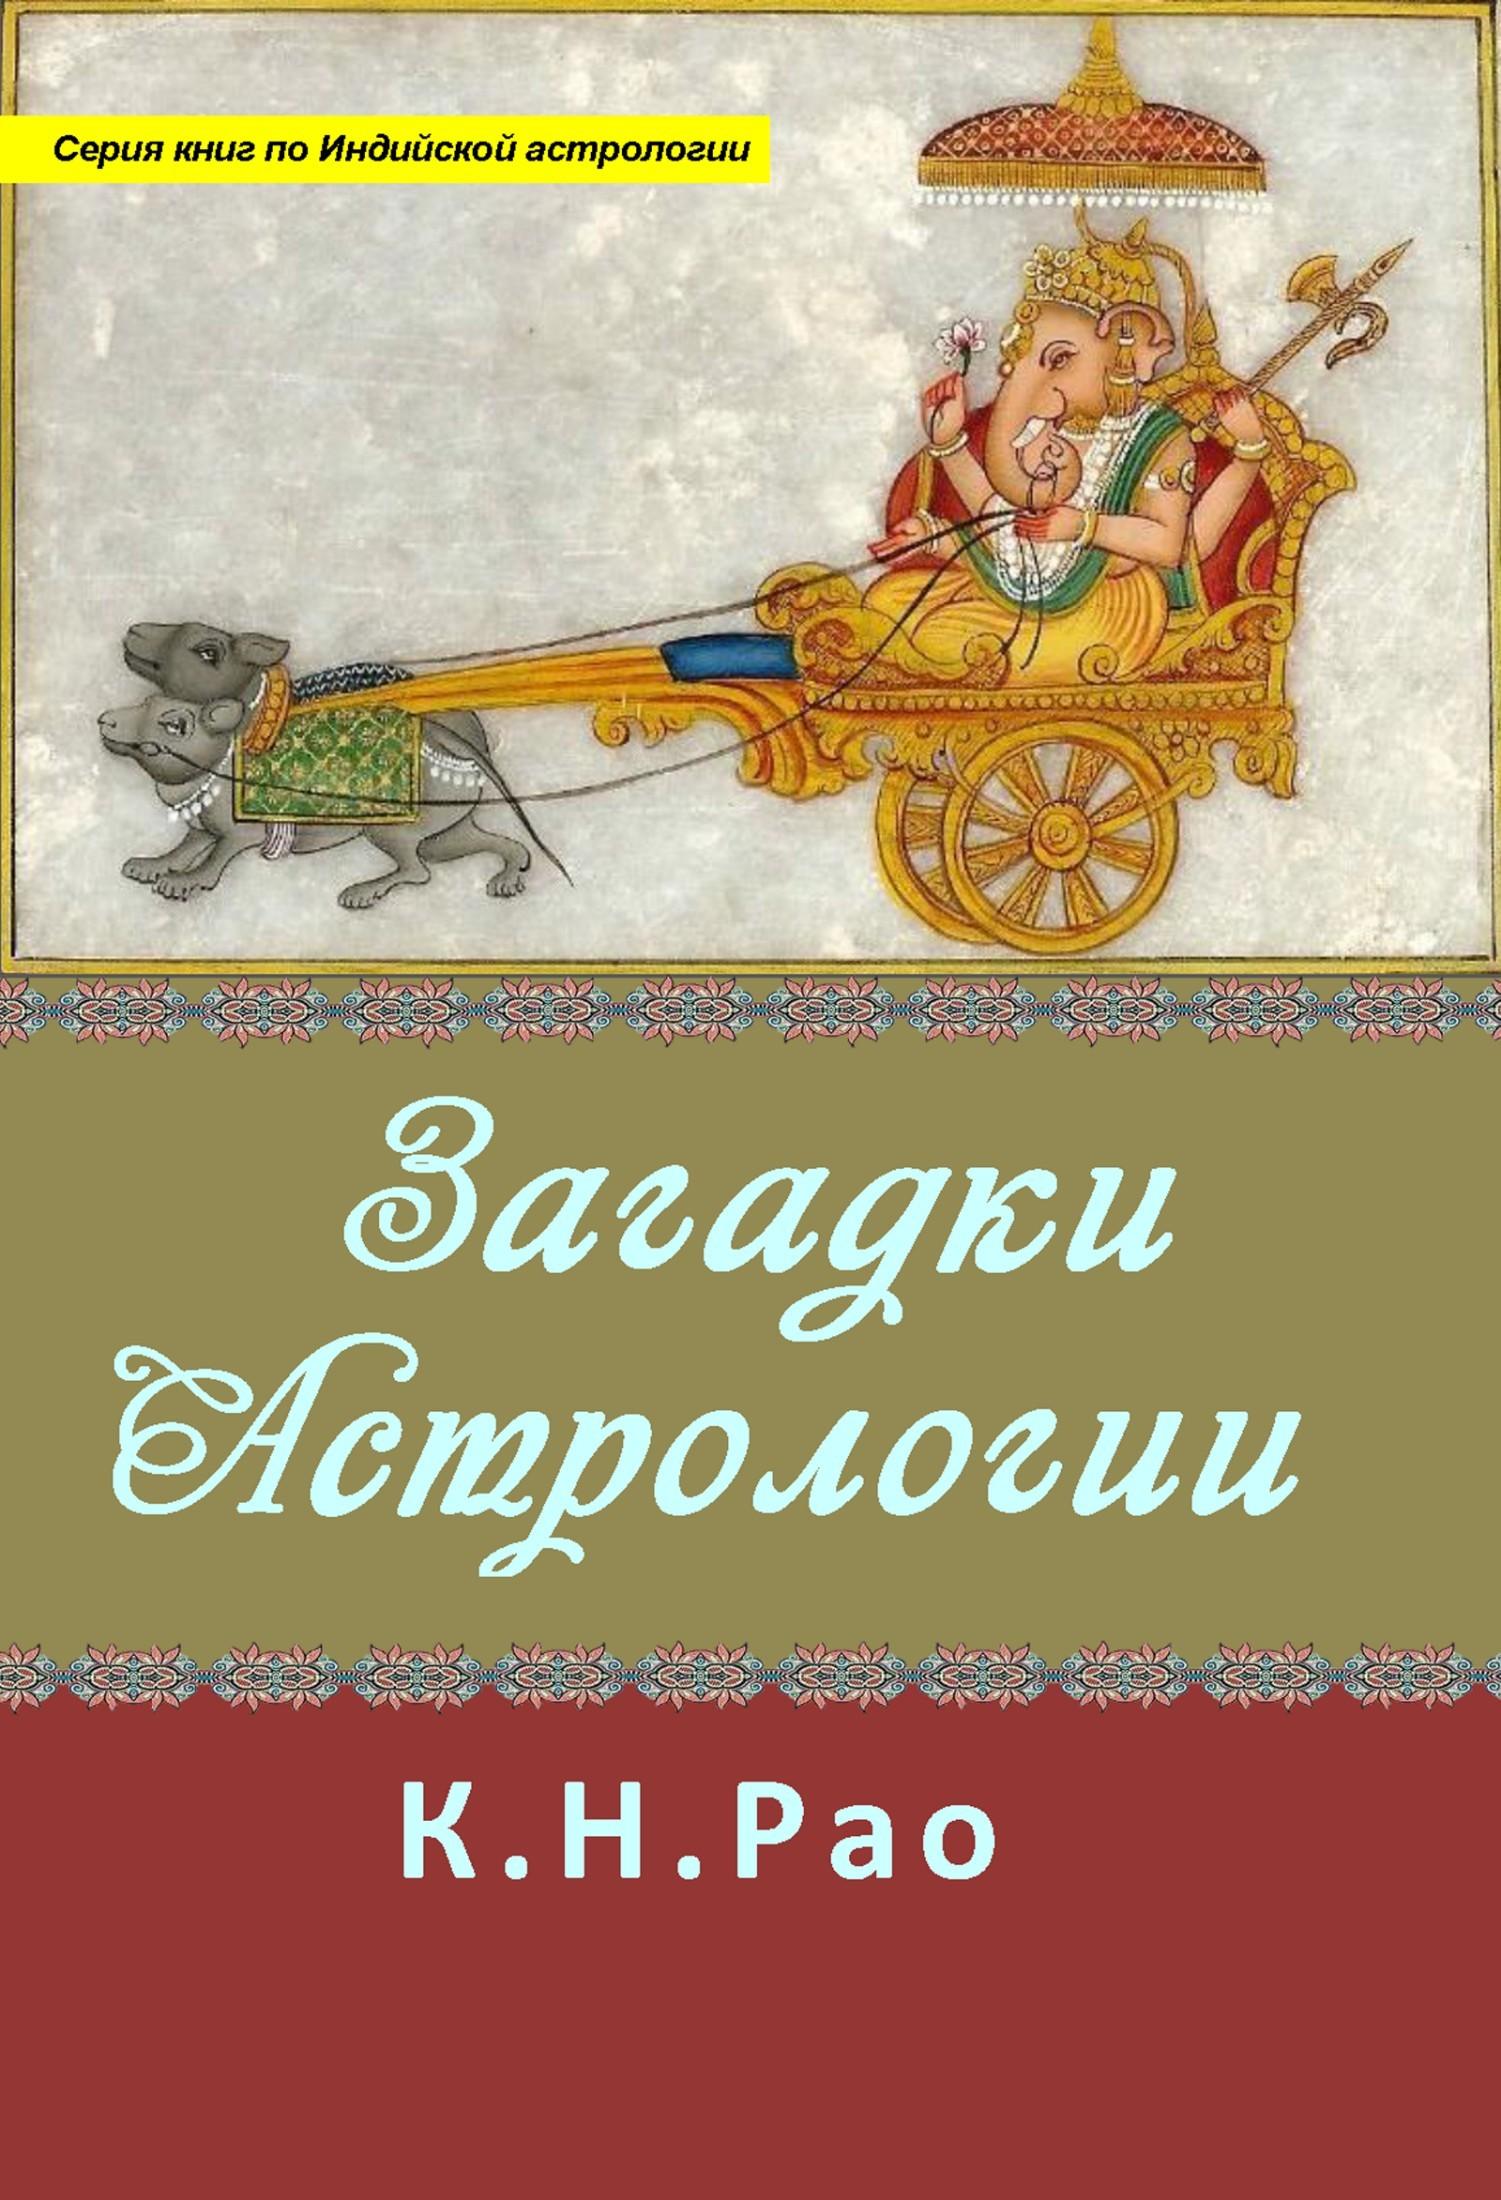 Катамраджу Нараяна Рао Загадки астрологии цена